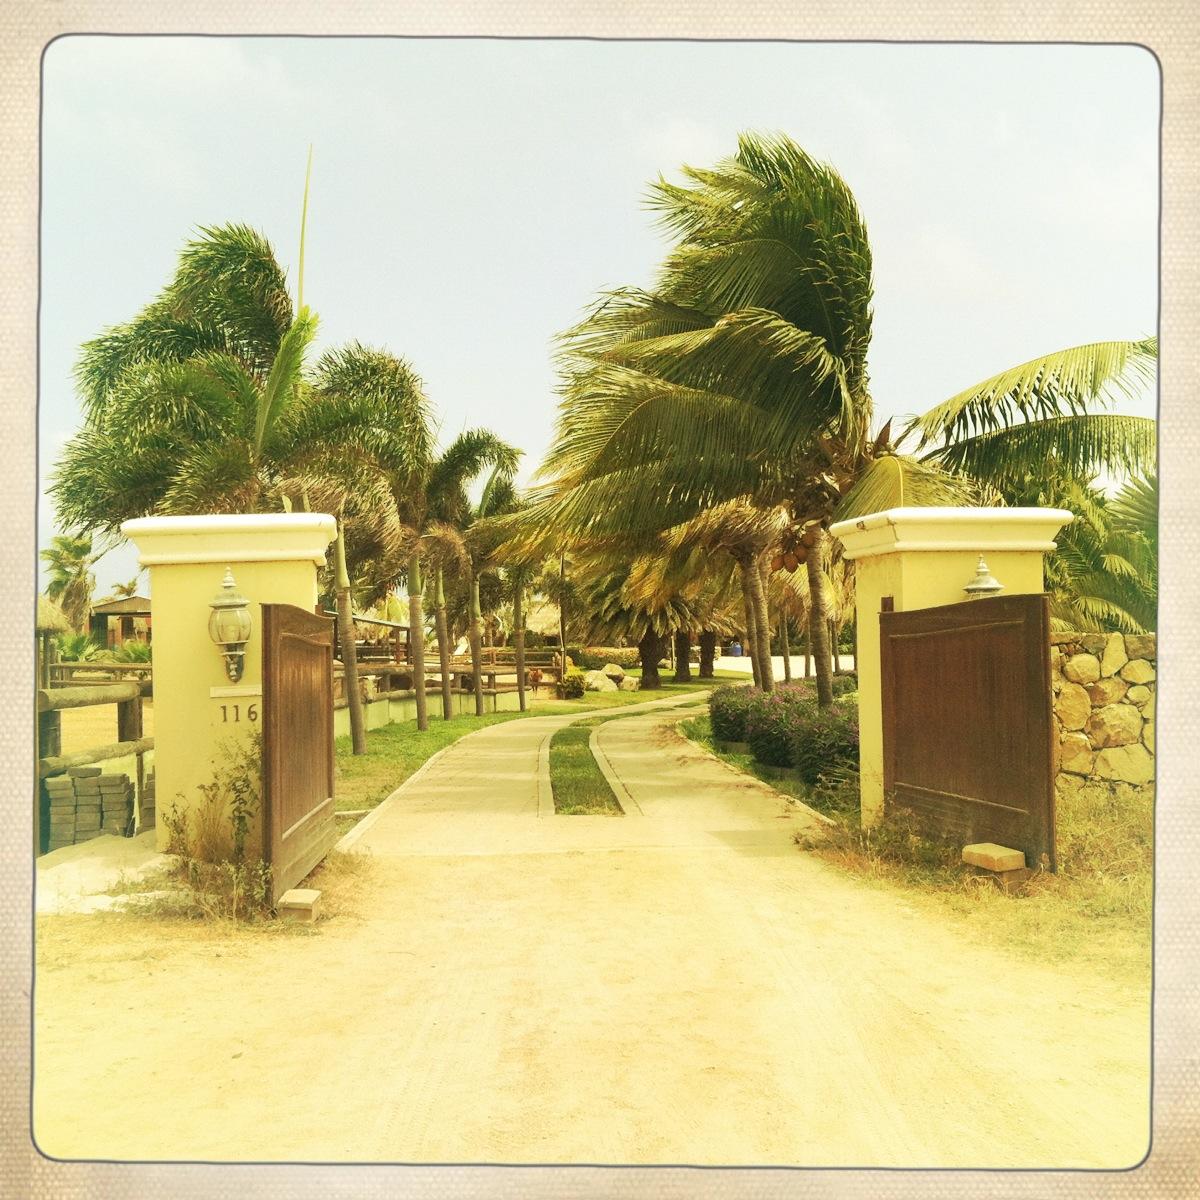 entrance to animal garden